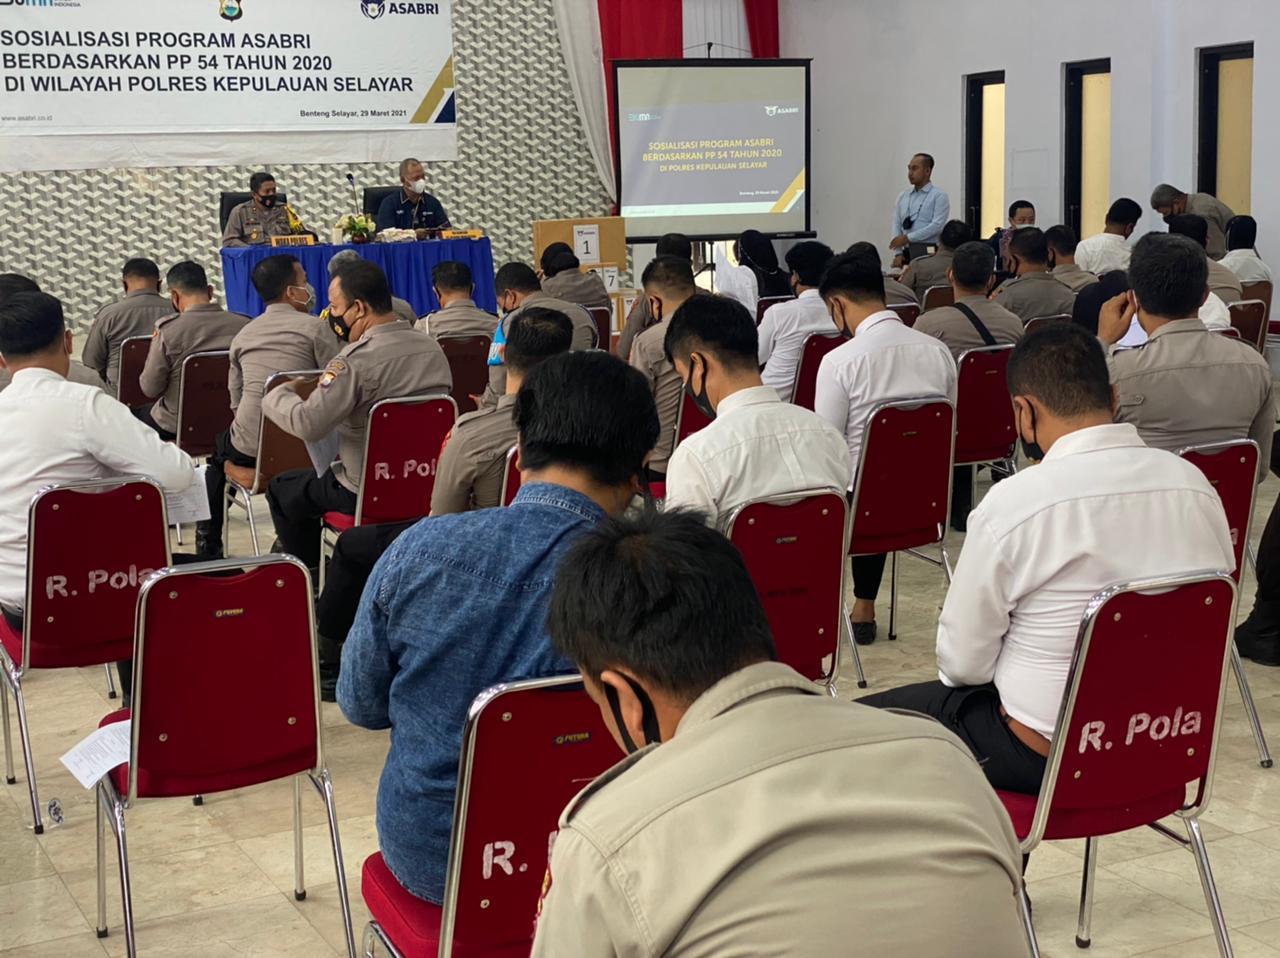 Polres Kepulauan Selayar Terima Sosialisasi Program ASABRI